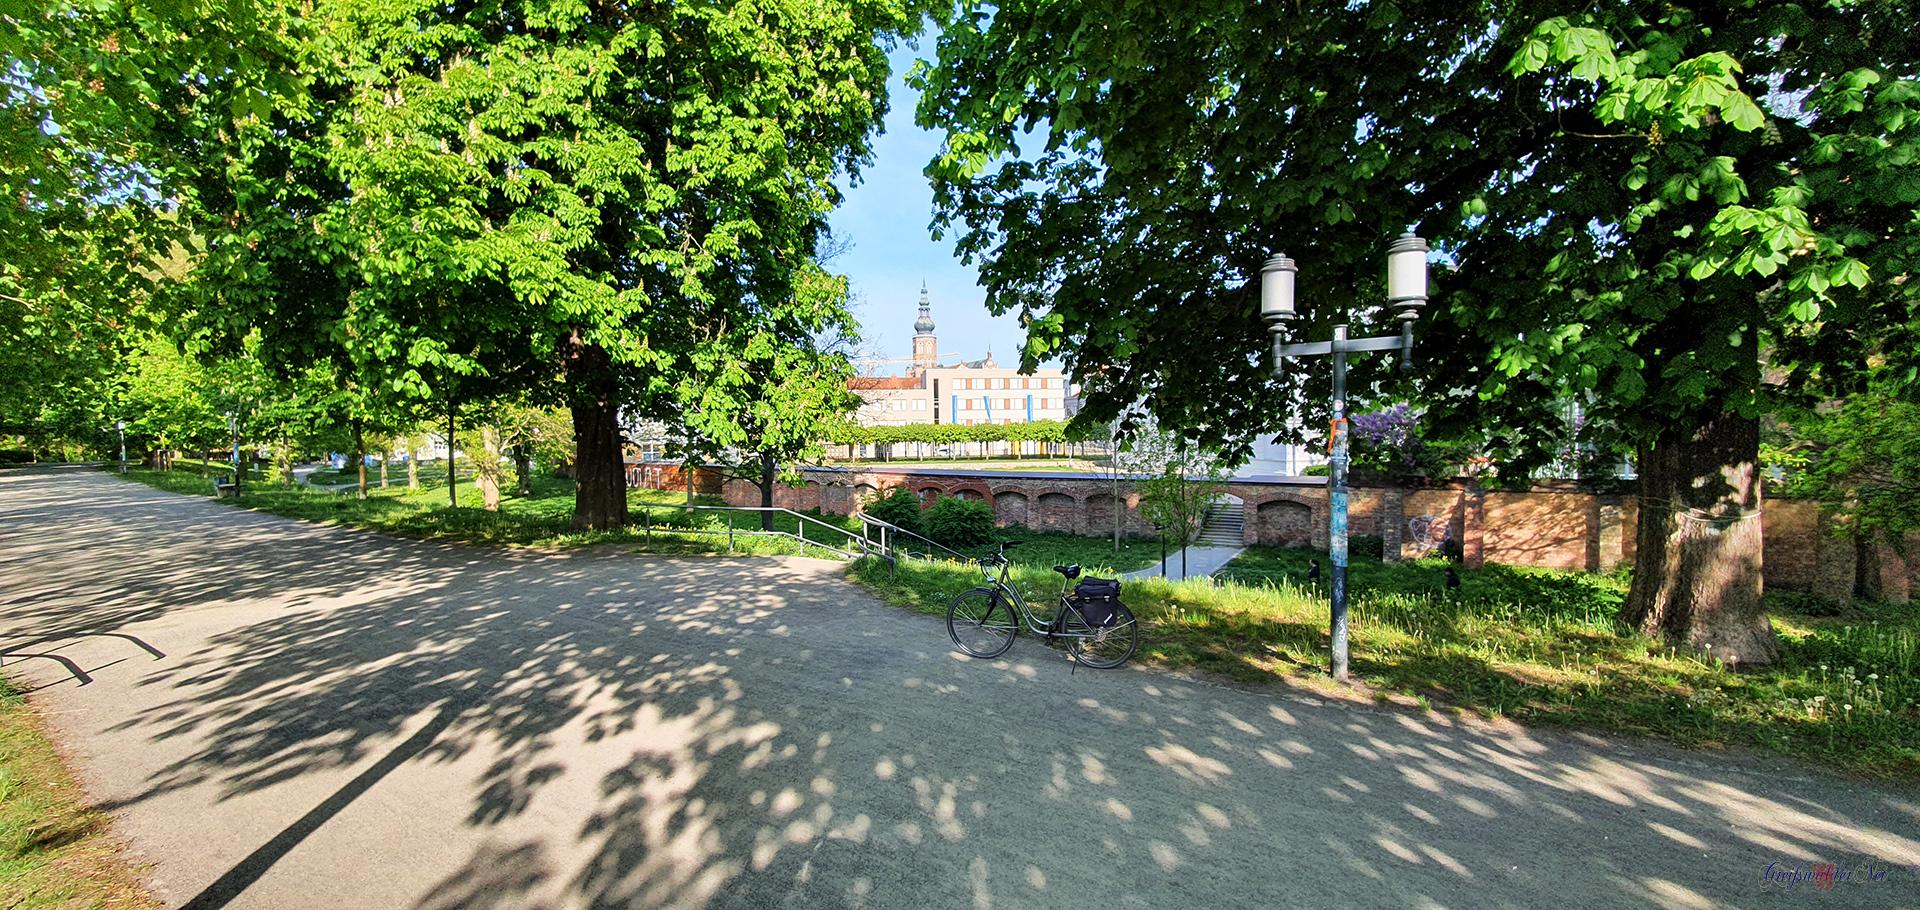 Auf dem Wall in Greifswald mit Blick zum Dom St. Nikolai